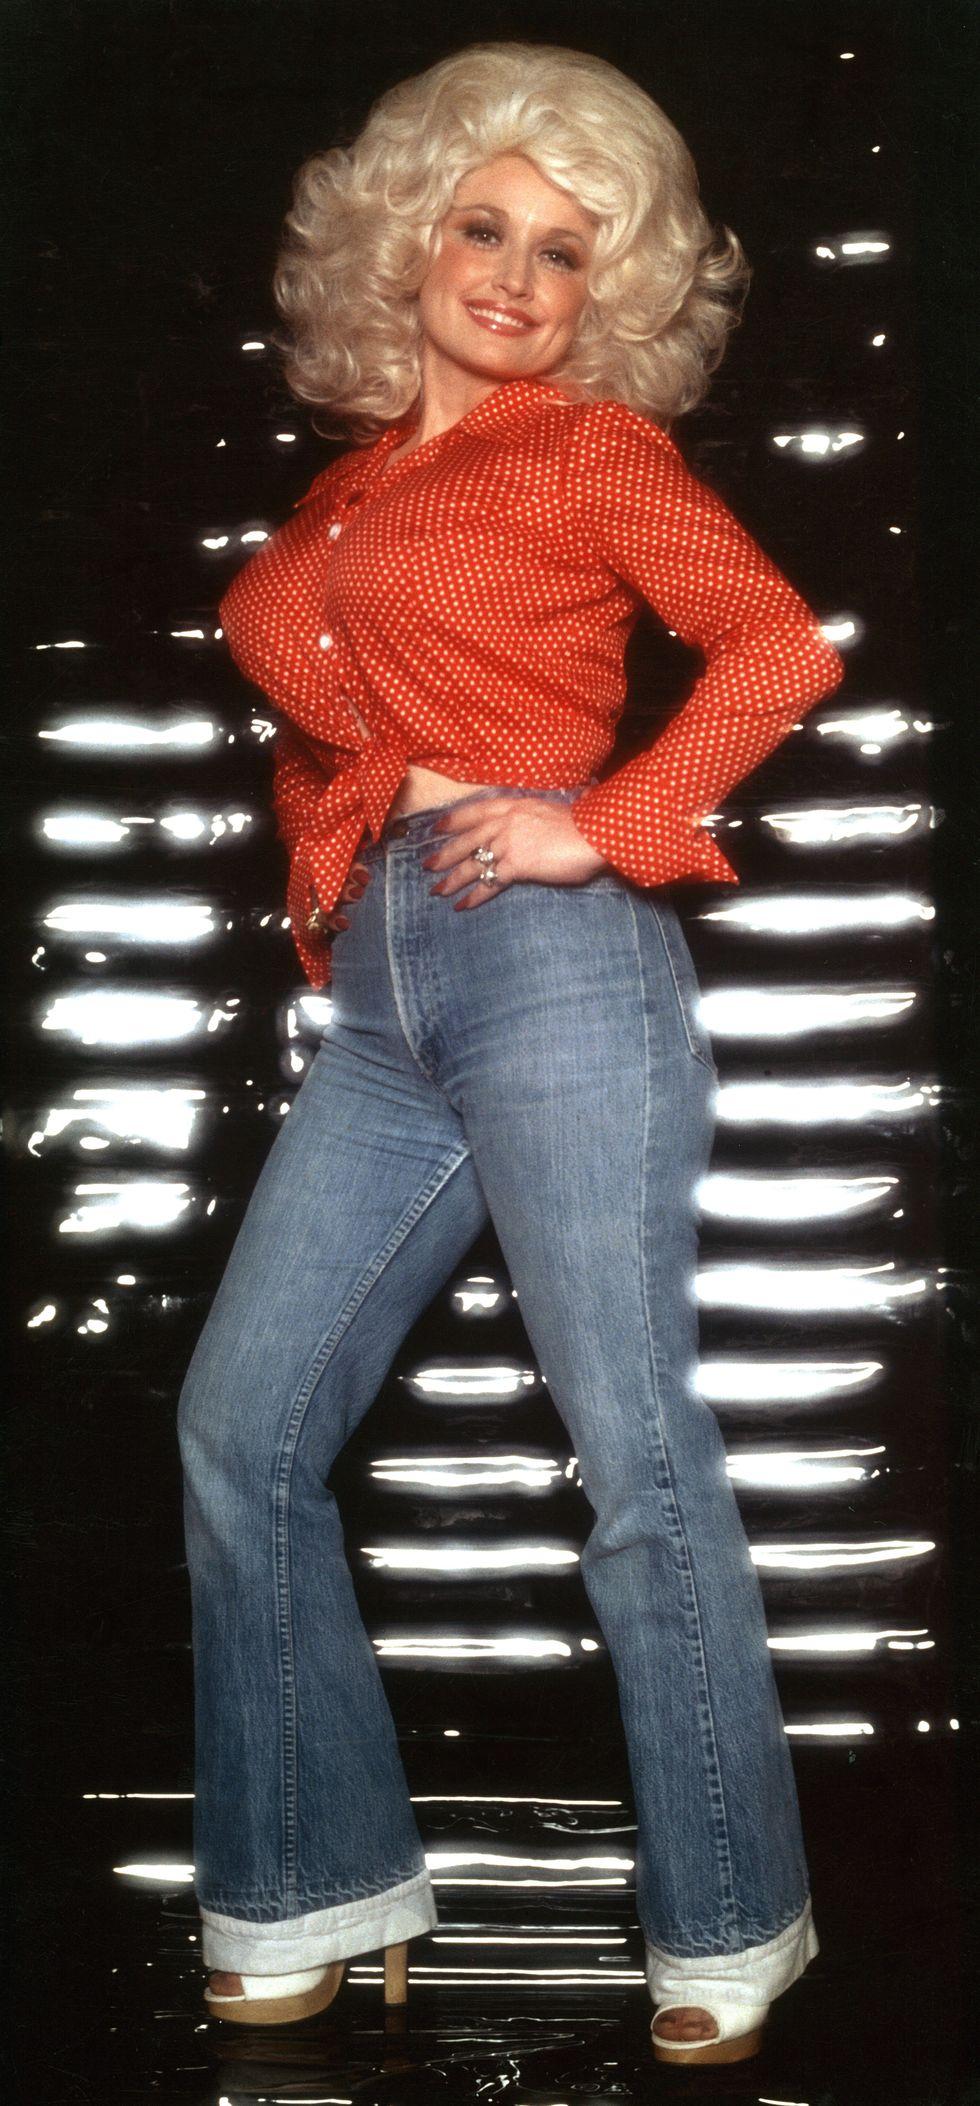 Dolly tạo dáng chụp chân dung trong buổi trình diễn bìa cho album Here You Come Again. Ngay cả với một chiếc áo dài hiếm gặp và một chiếc giày cao gót, Dolly vẫn không thể làm sai.